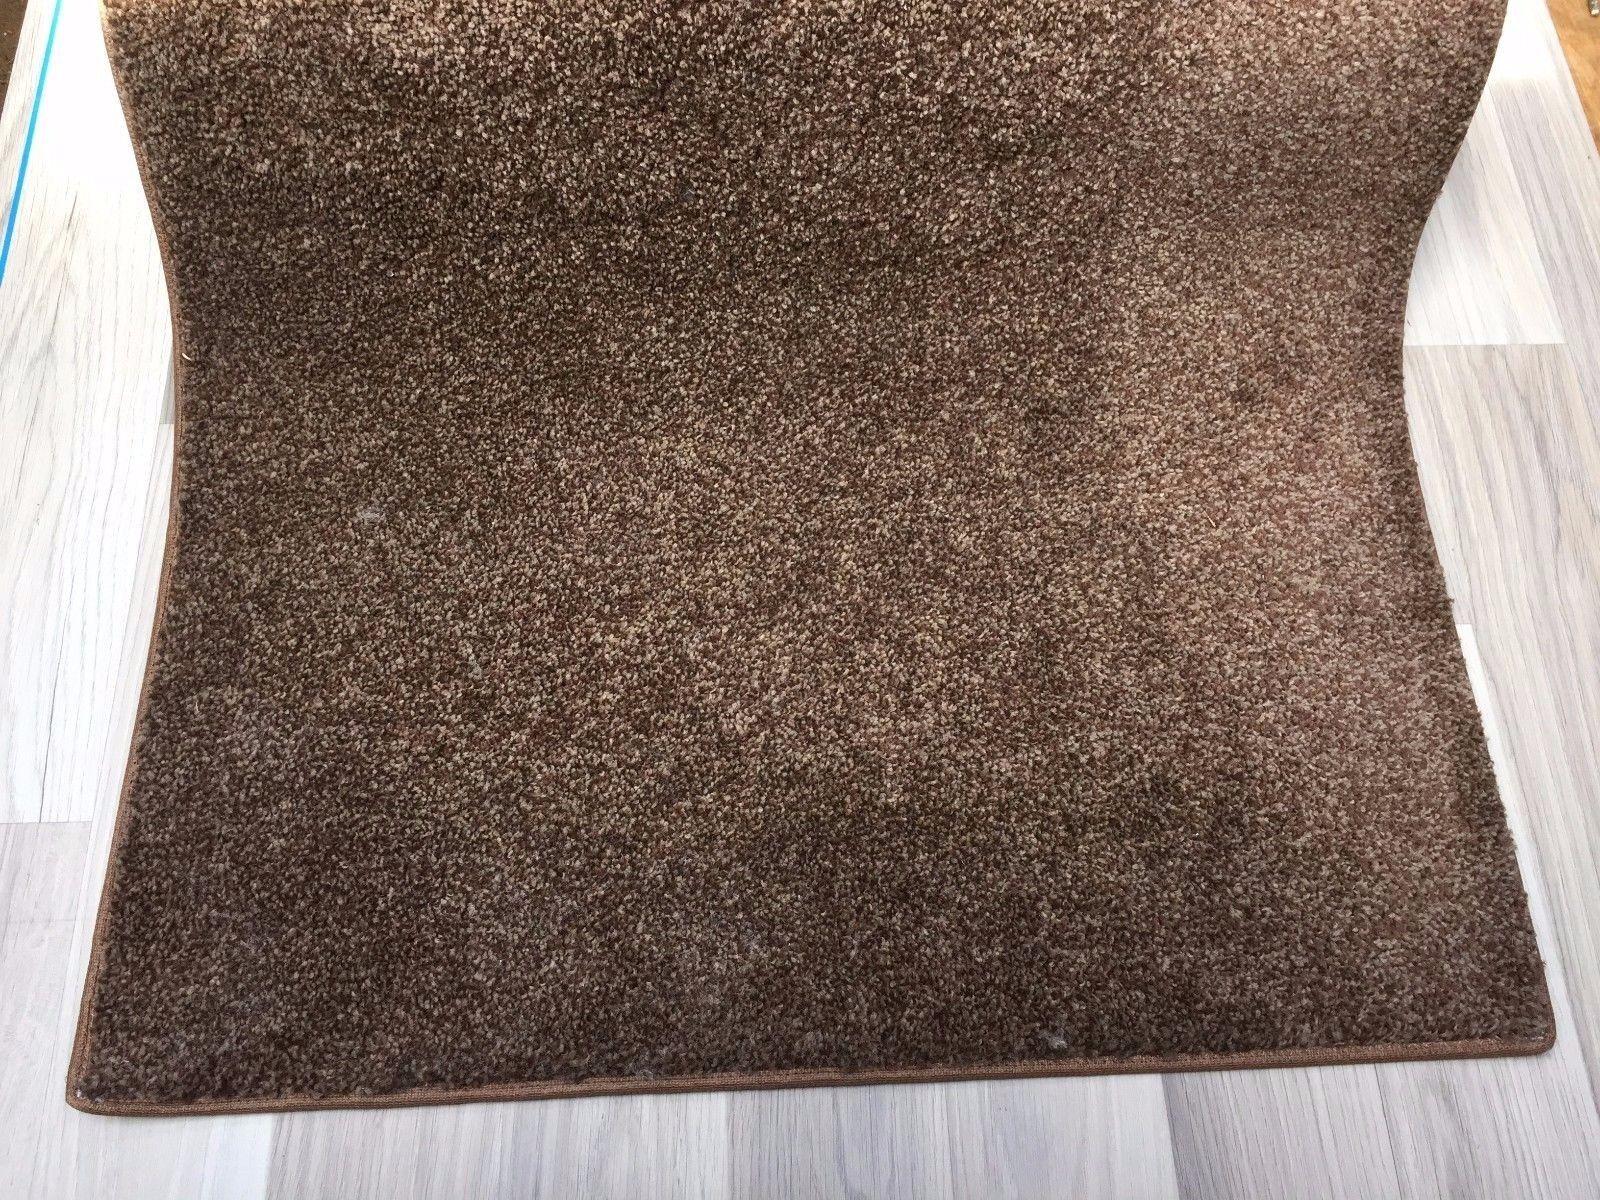 4 M x 68 cm (13 FT (ca. 3.96 m) x 27 in (ca. 68.58 cm)) Tappeto Runner Marronee Morbido Pile di buona qualità  6000